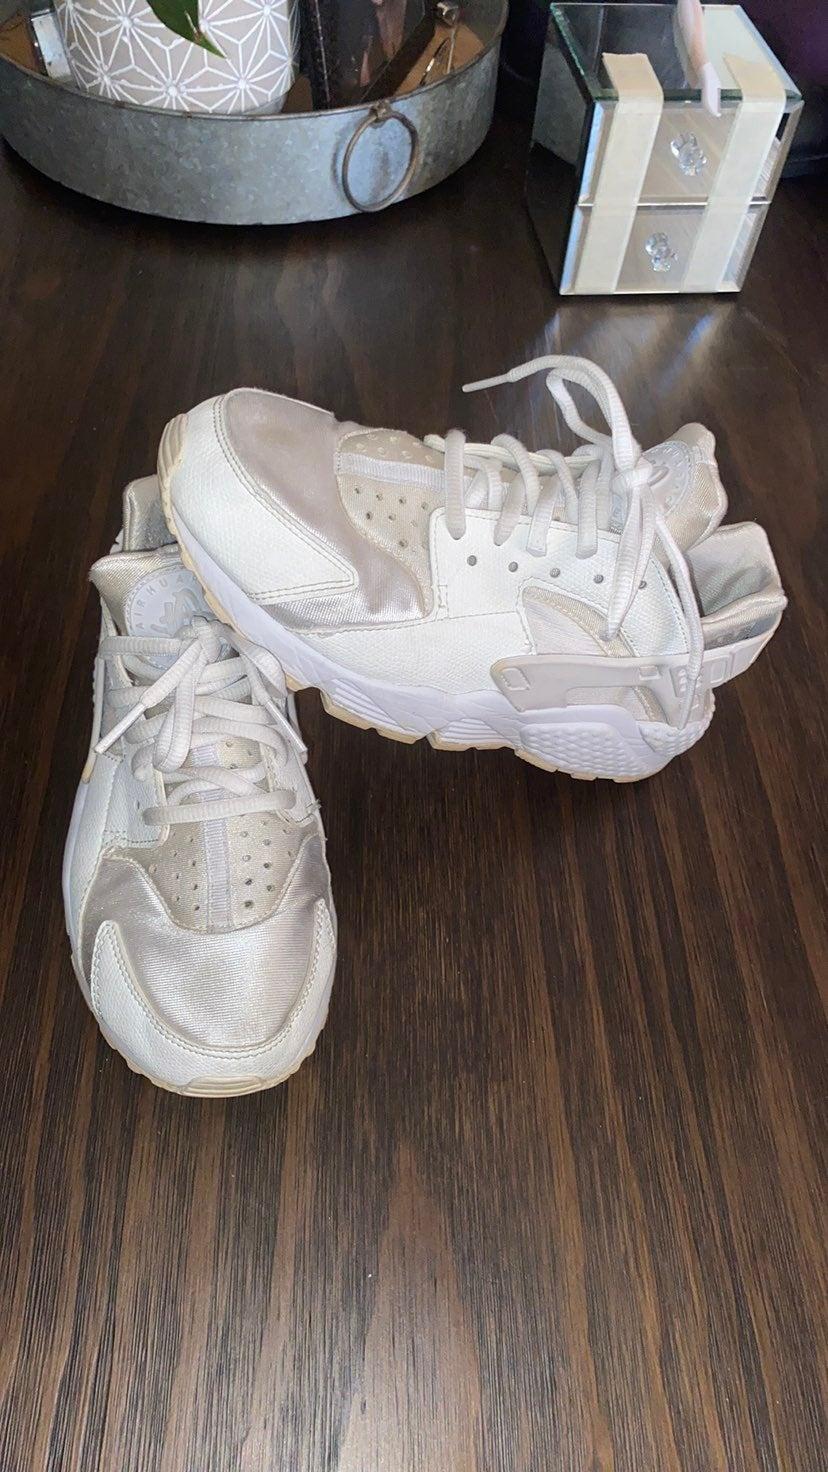 Nike Air Huarache White/White-Pure Plati